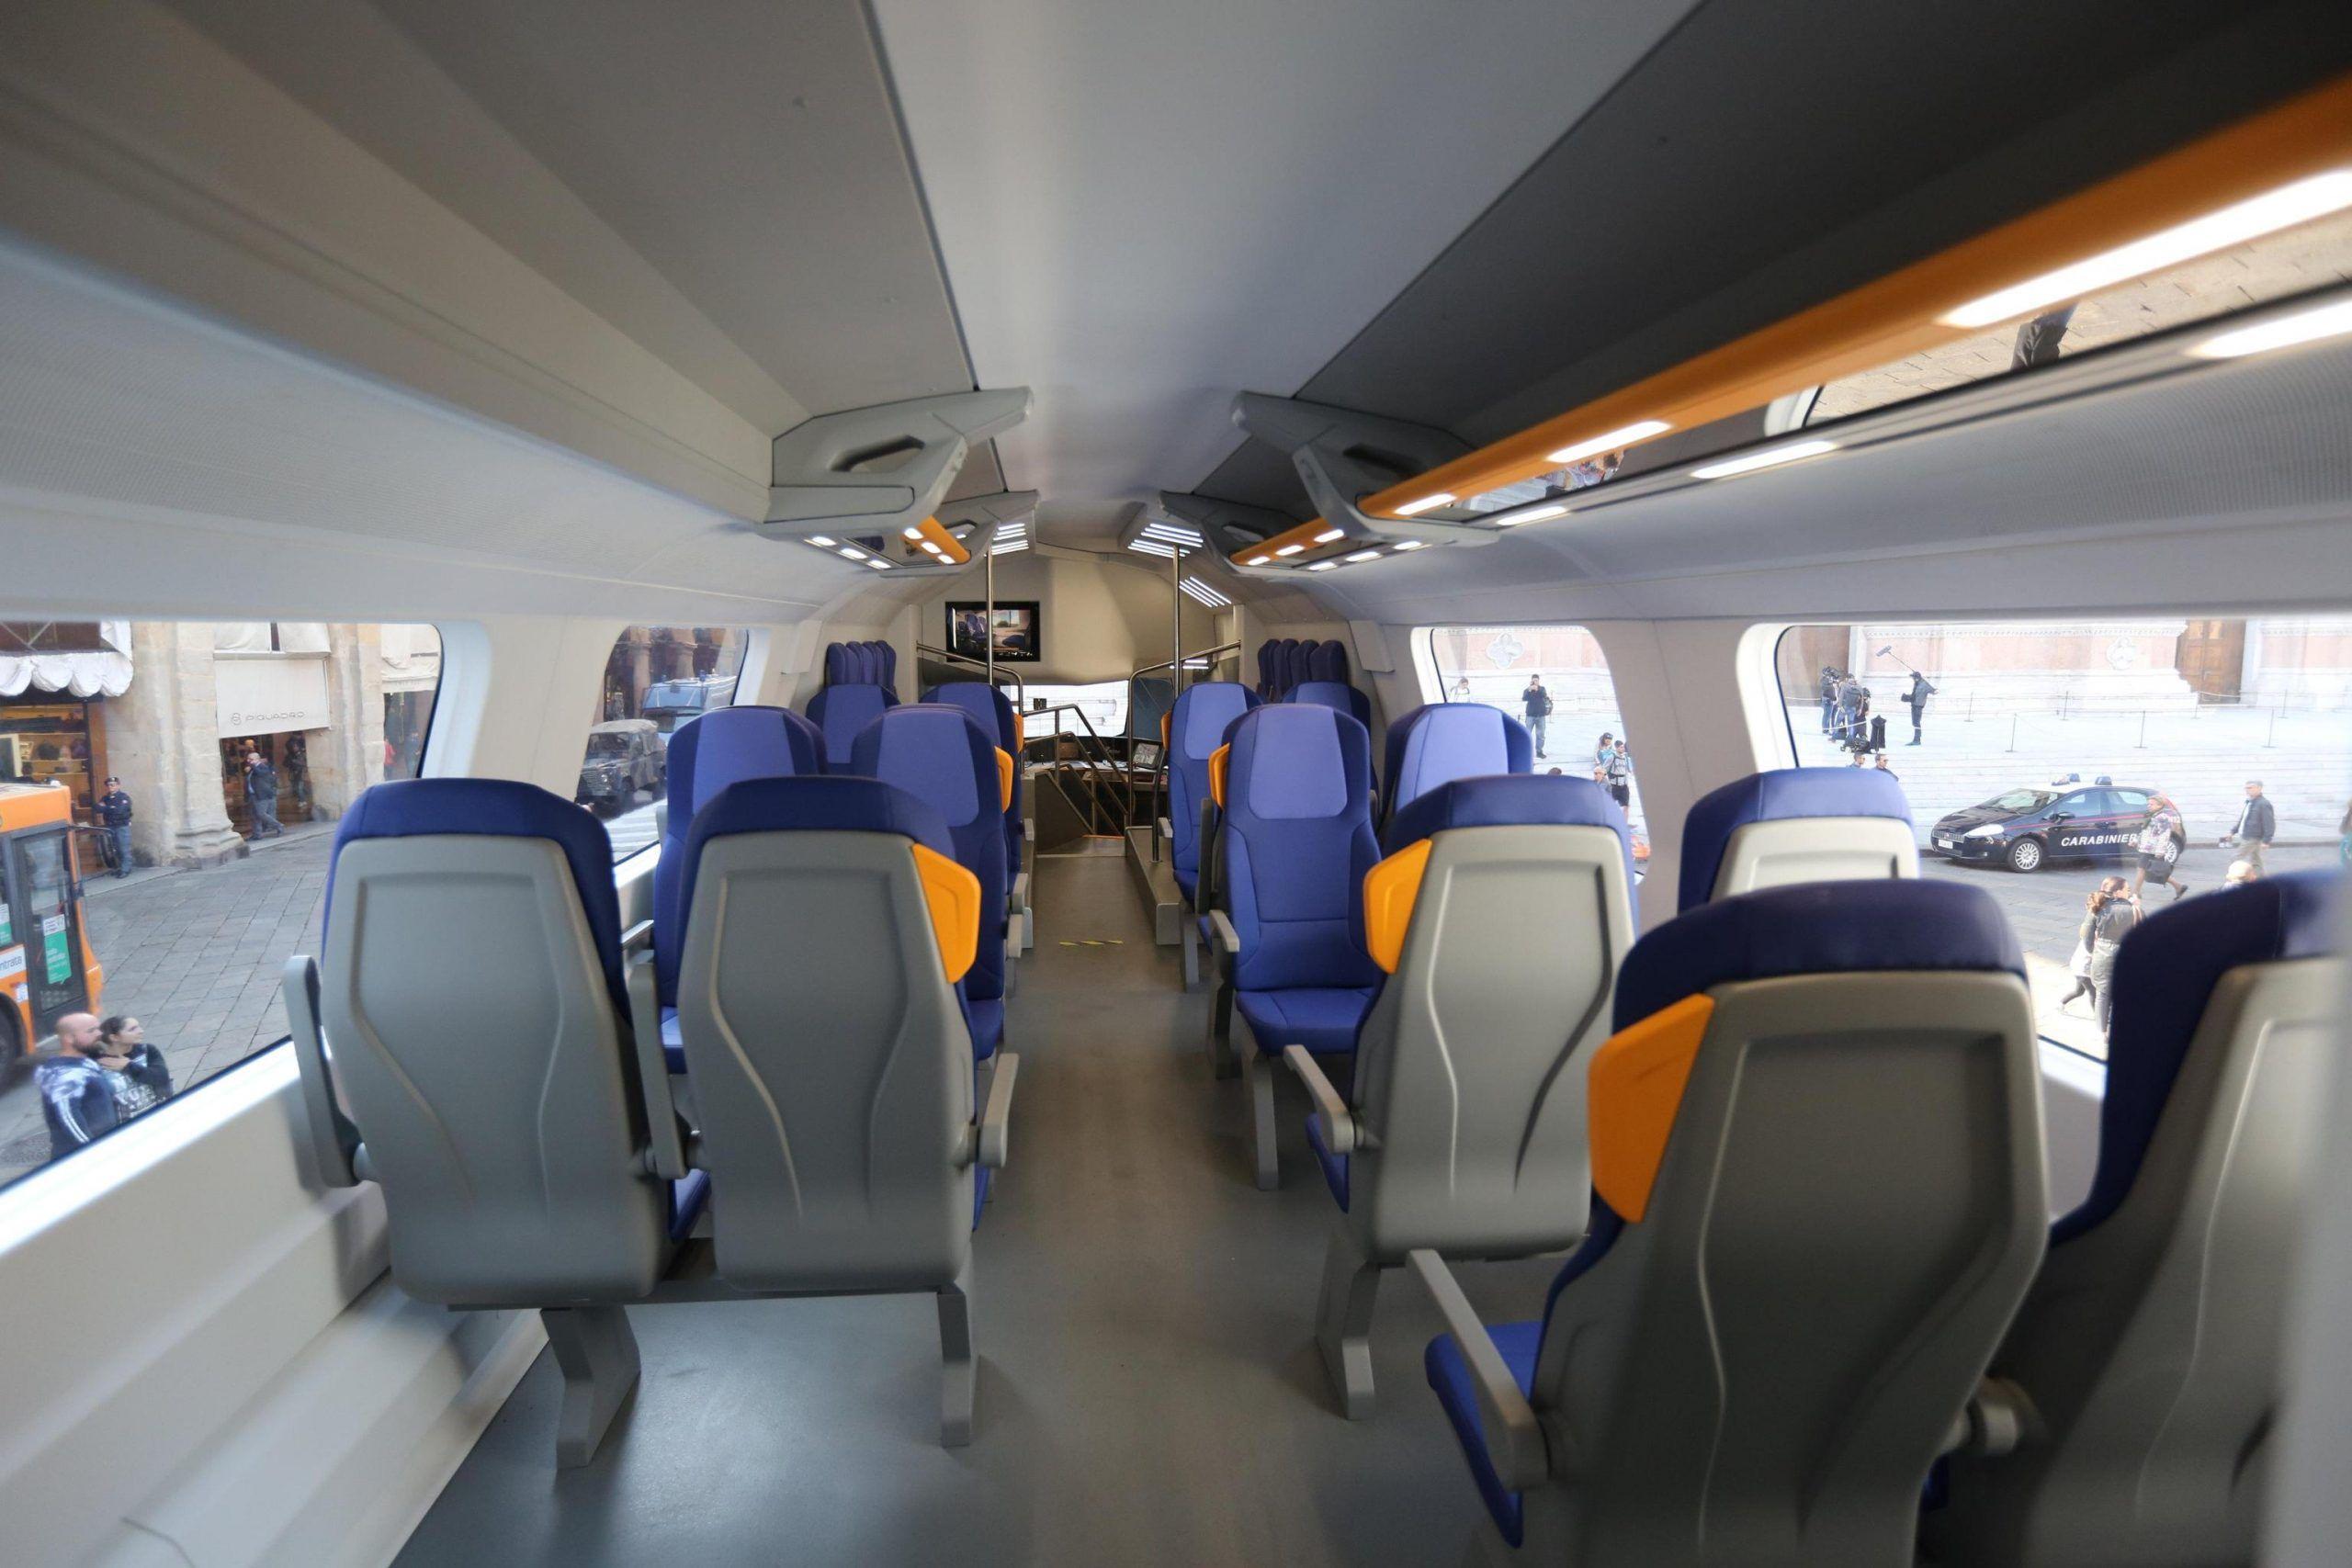 Chiede scusa al disabile in treno